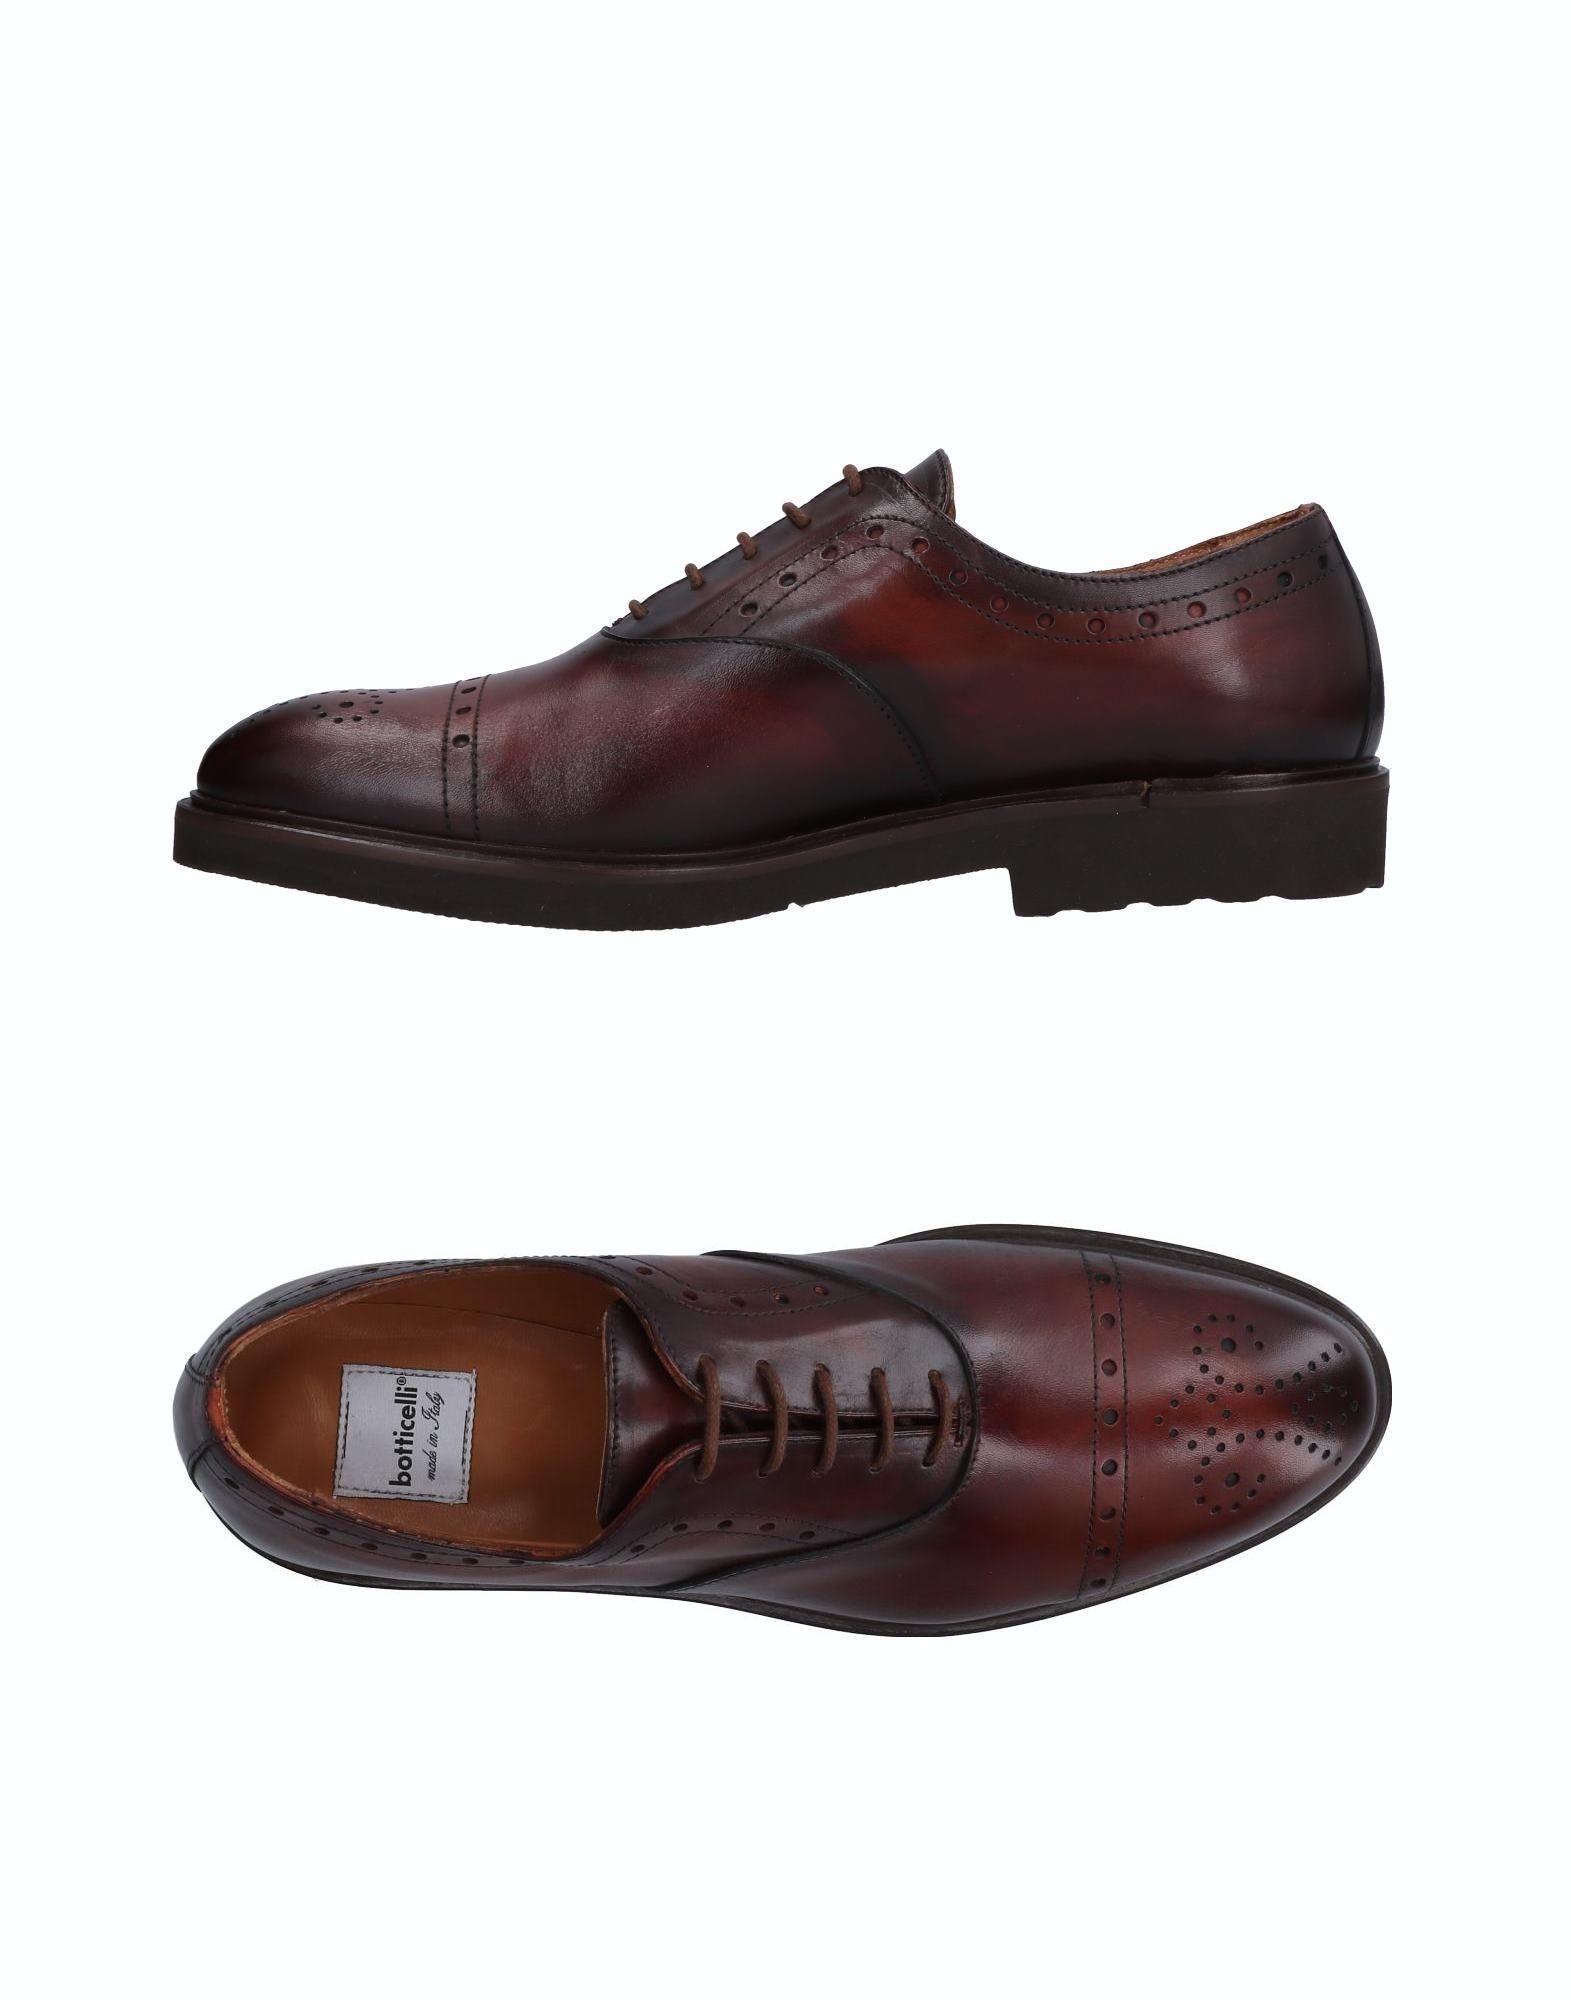 Roberto Botticelli Schnürschuhe Herren  11515504RP Gute Qualität beliebte Schuhe